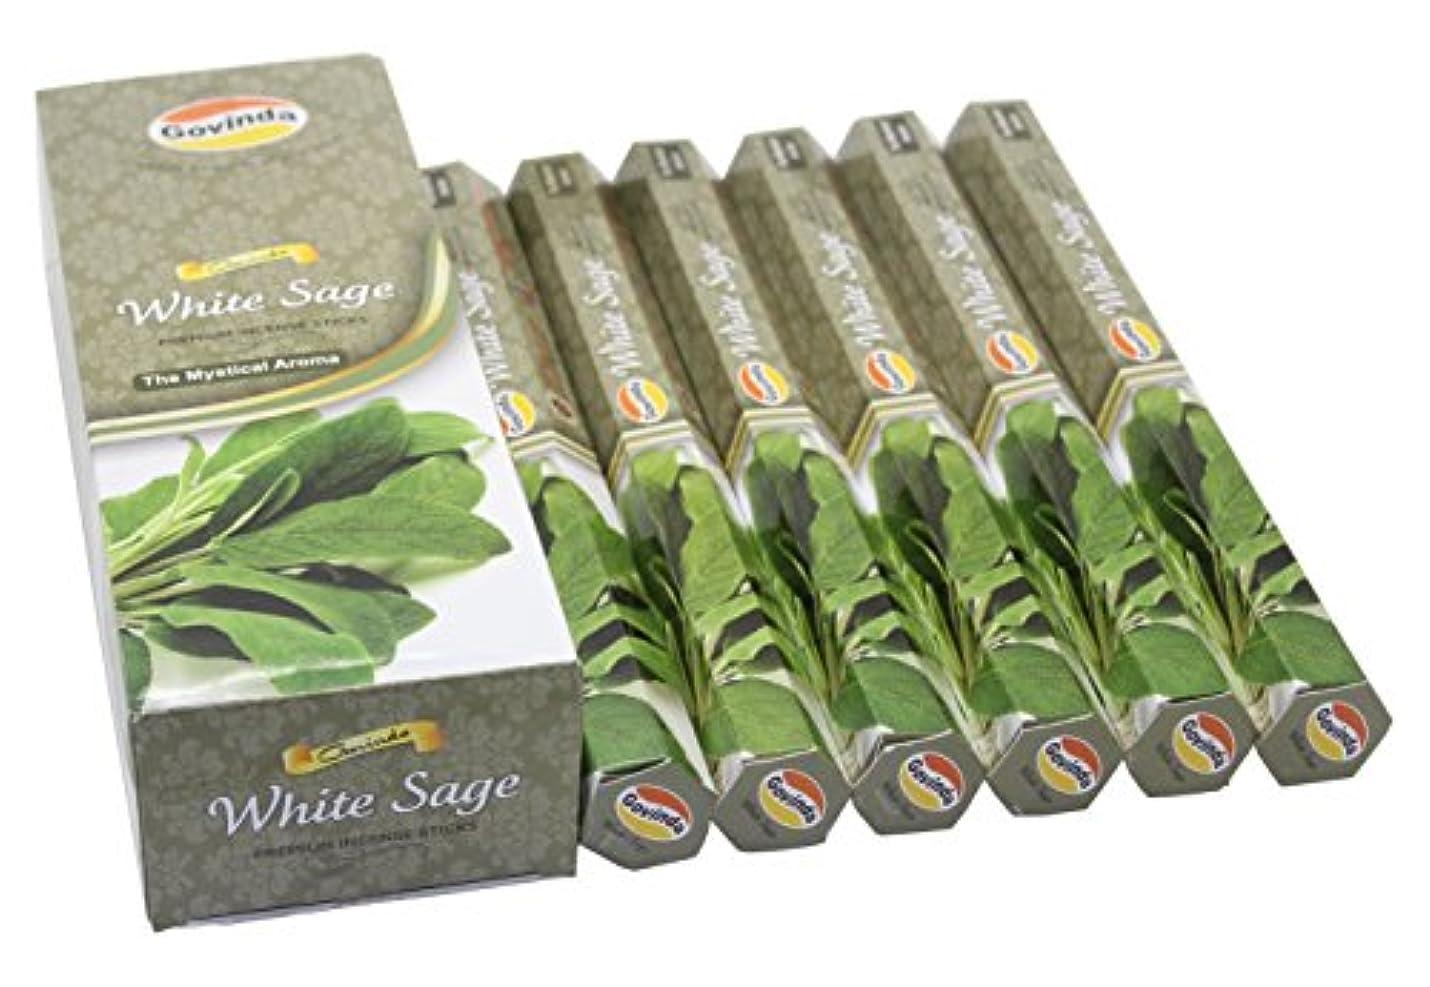 クリップ天皇エジプト人Govinda Incense - White Sage - 120 Incense Sticks, Premium Incense, Masala Coated